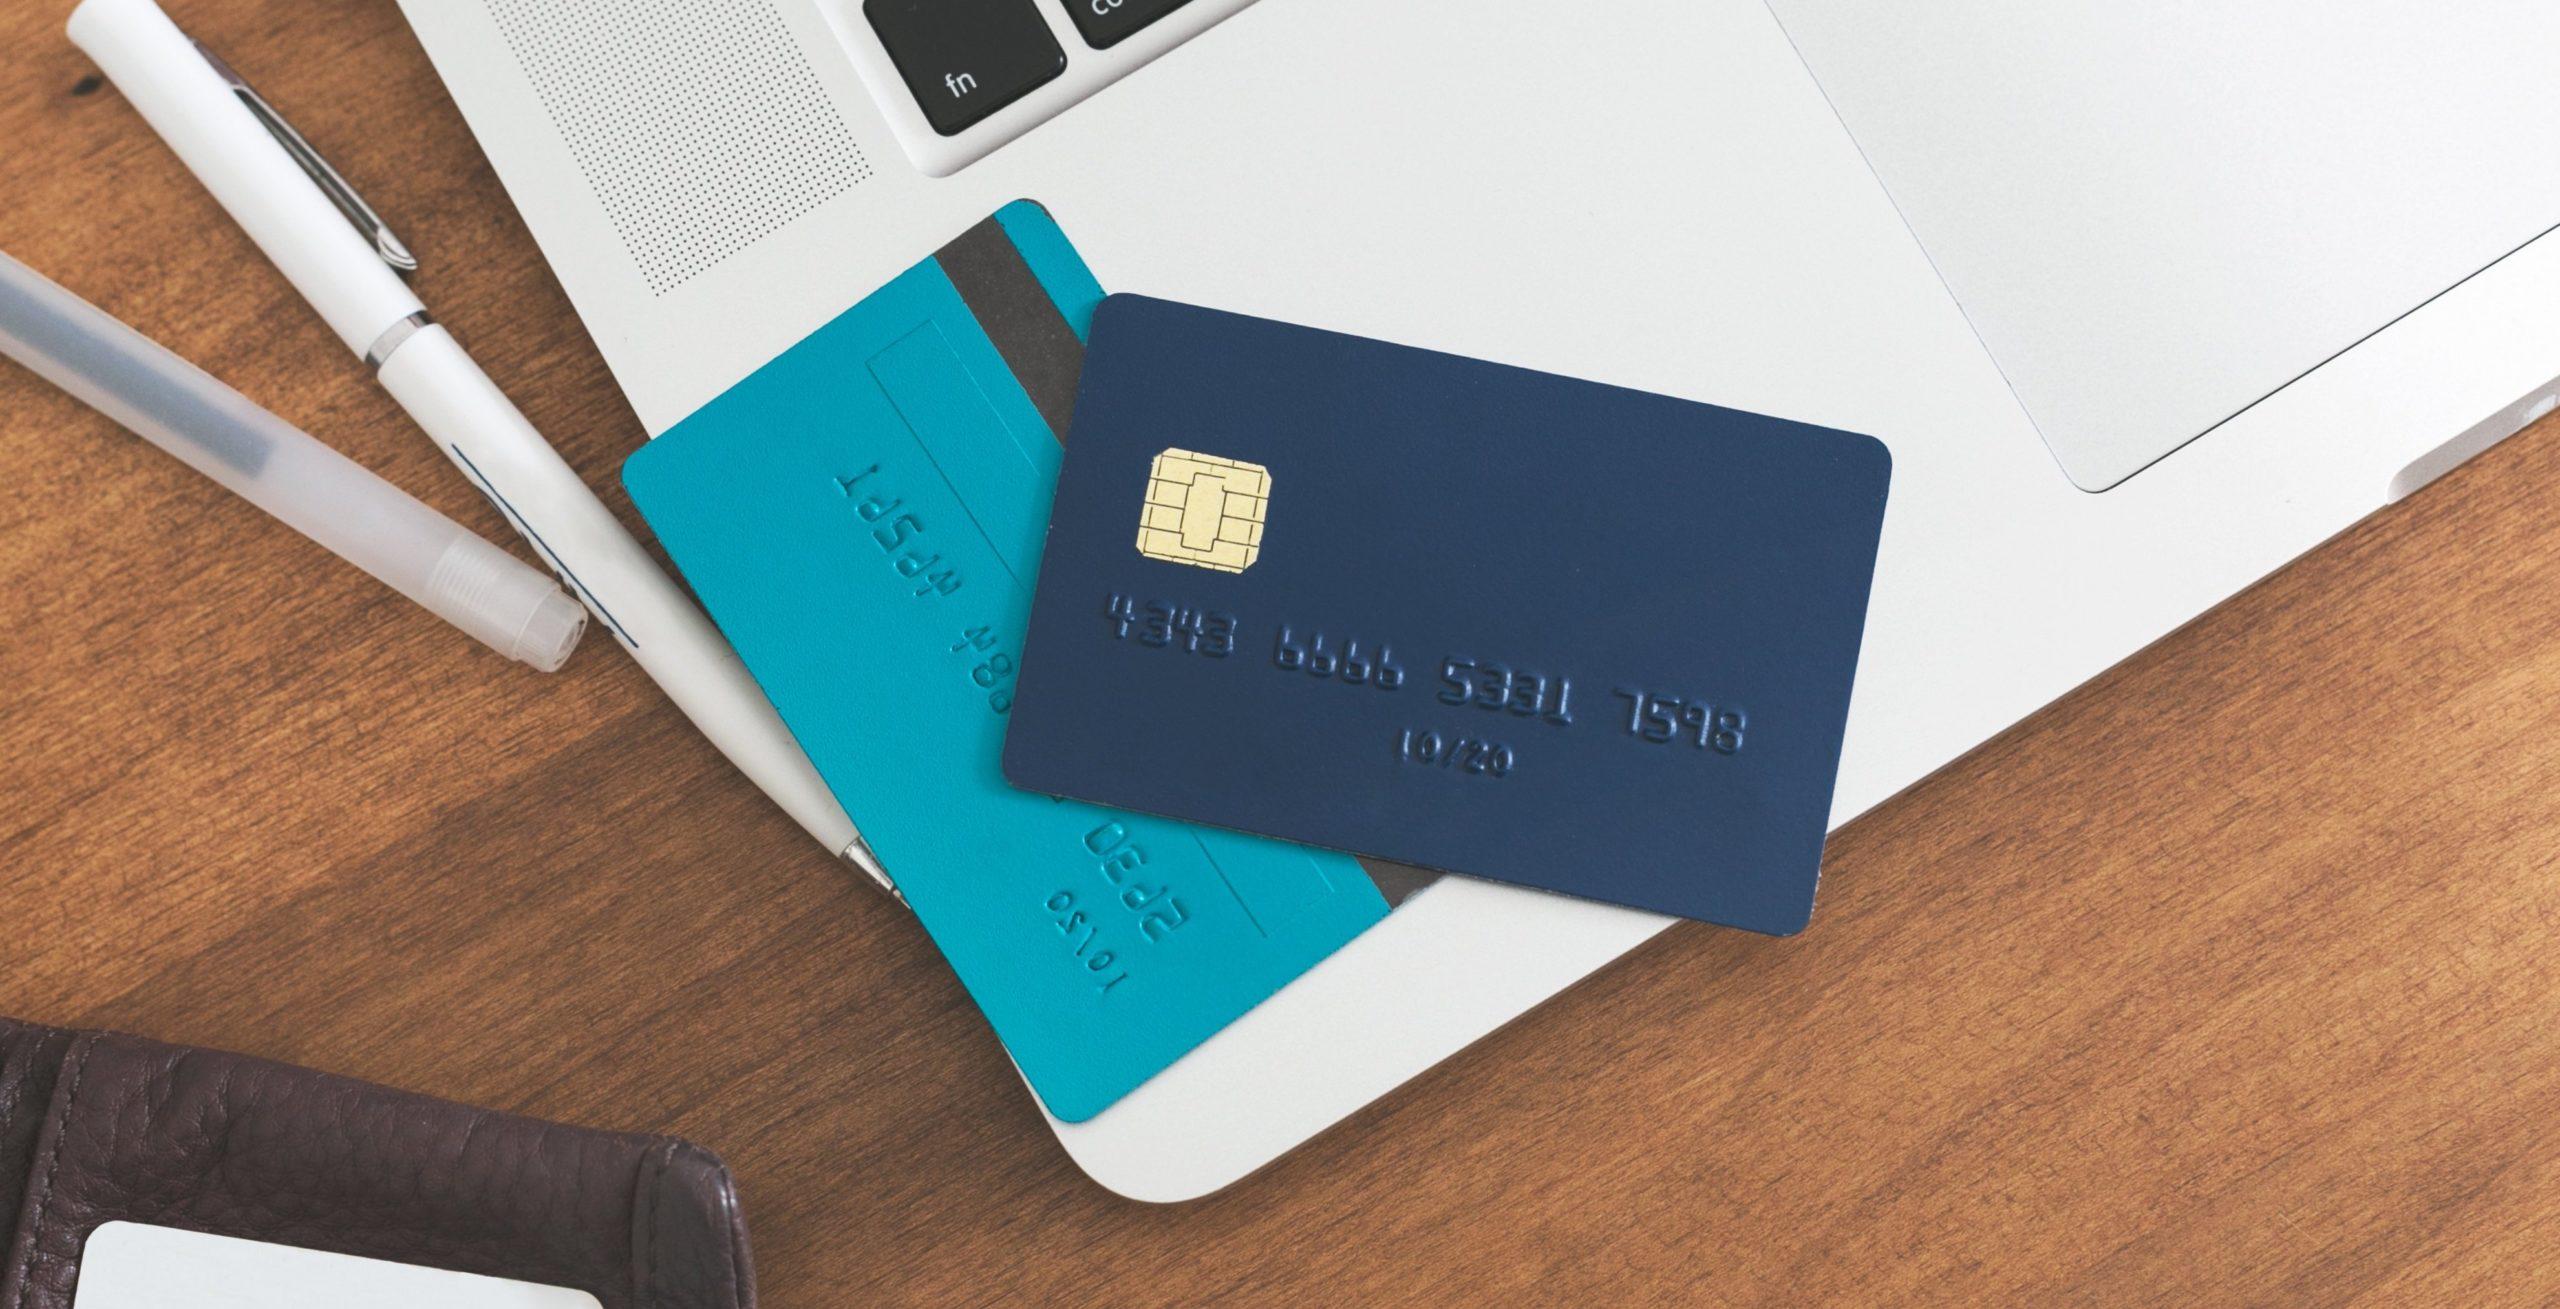 台湾旅行!クレジットカードで海外旅行保険適用